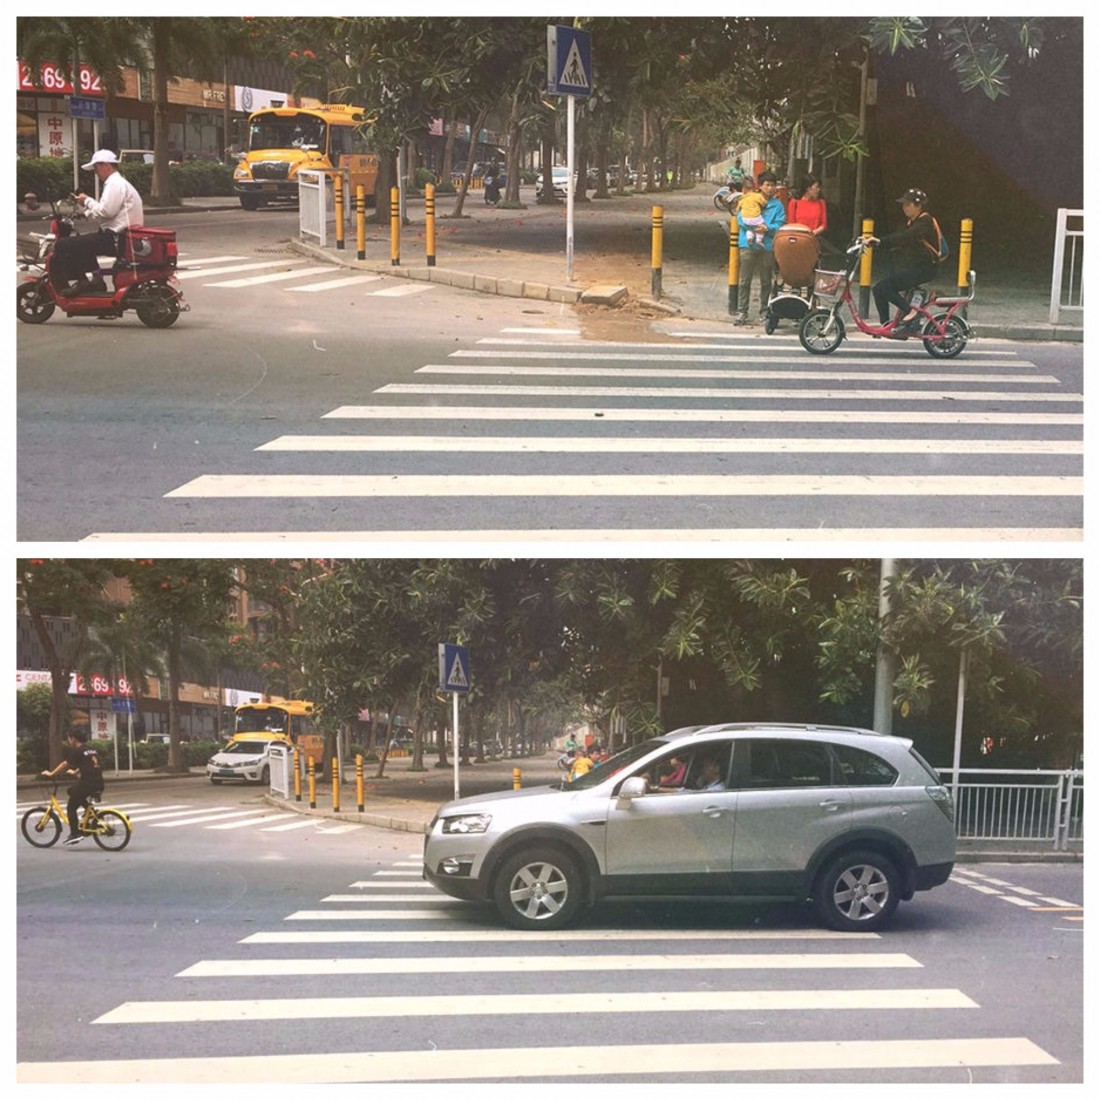 Семья пытается перейти дорогу в разрешенном месте, но авто проезжает в нескольких сантиметрах от нее